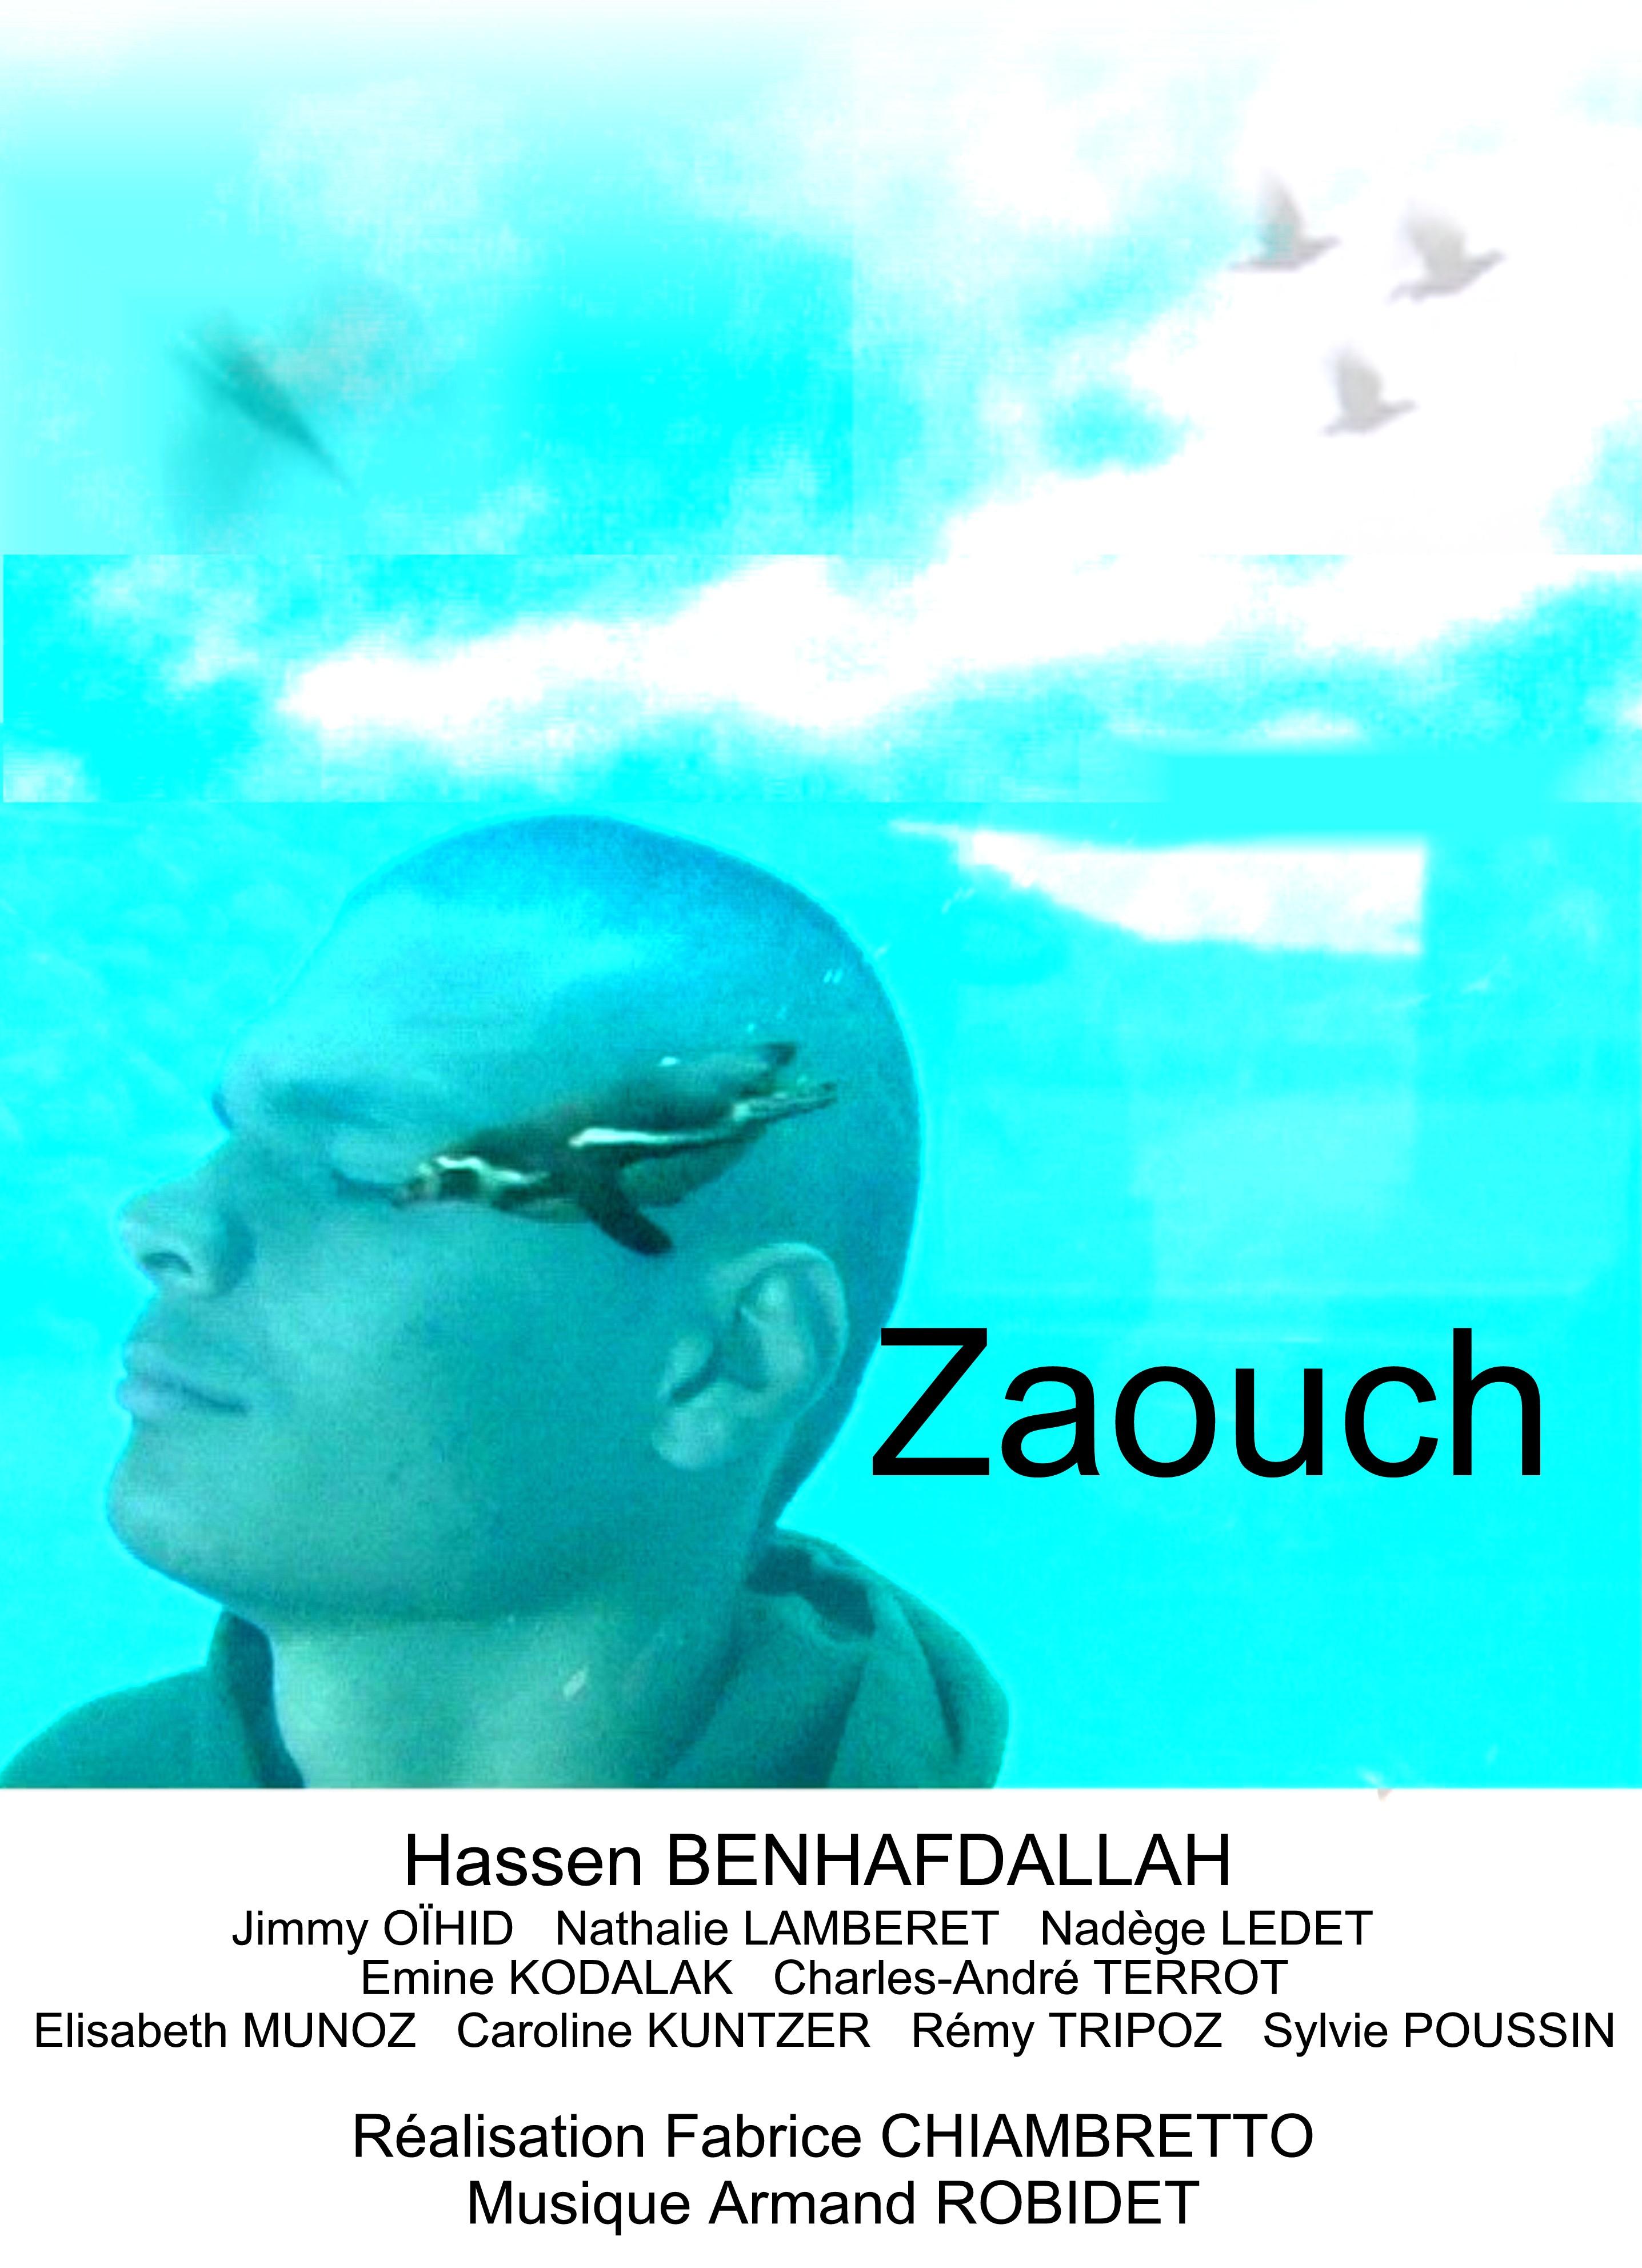 ARIMC_Zaouch2-1479377605.jpg